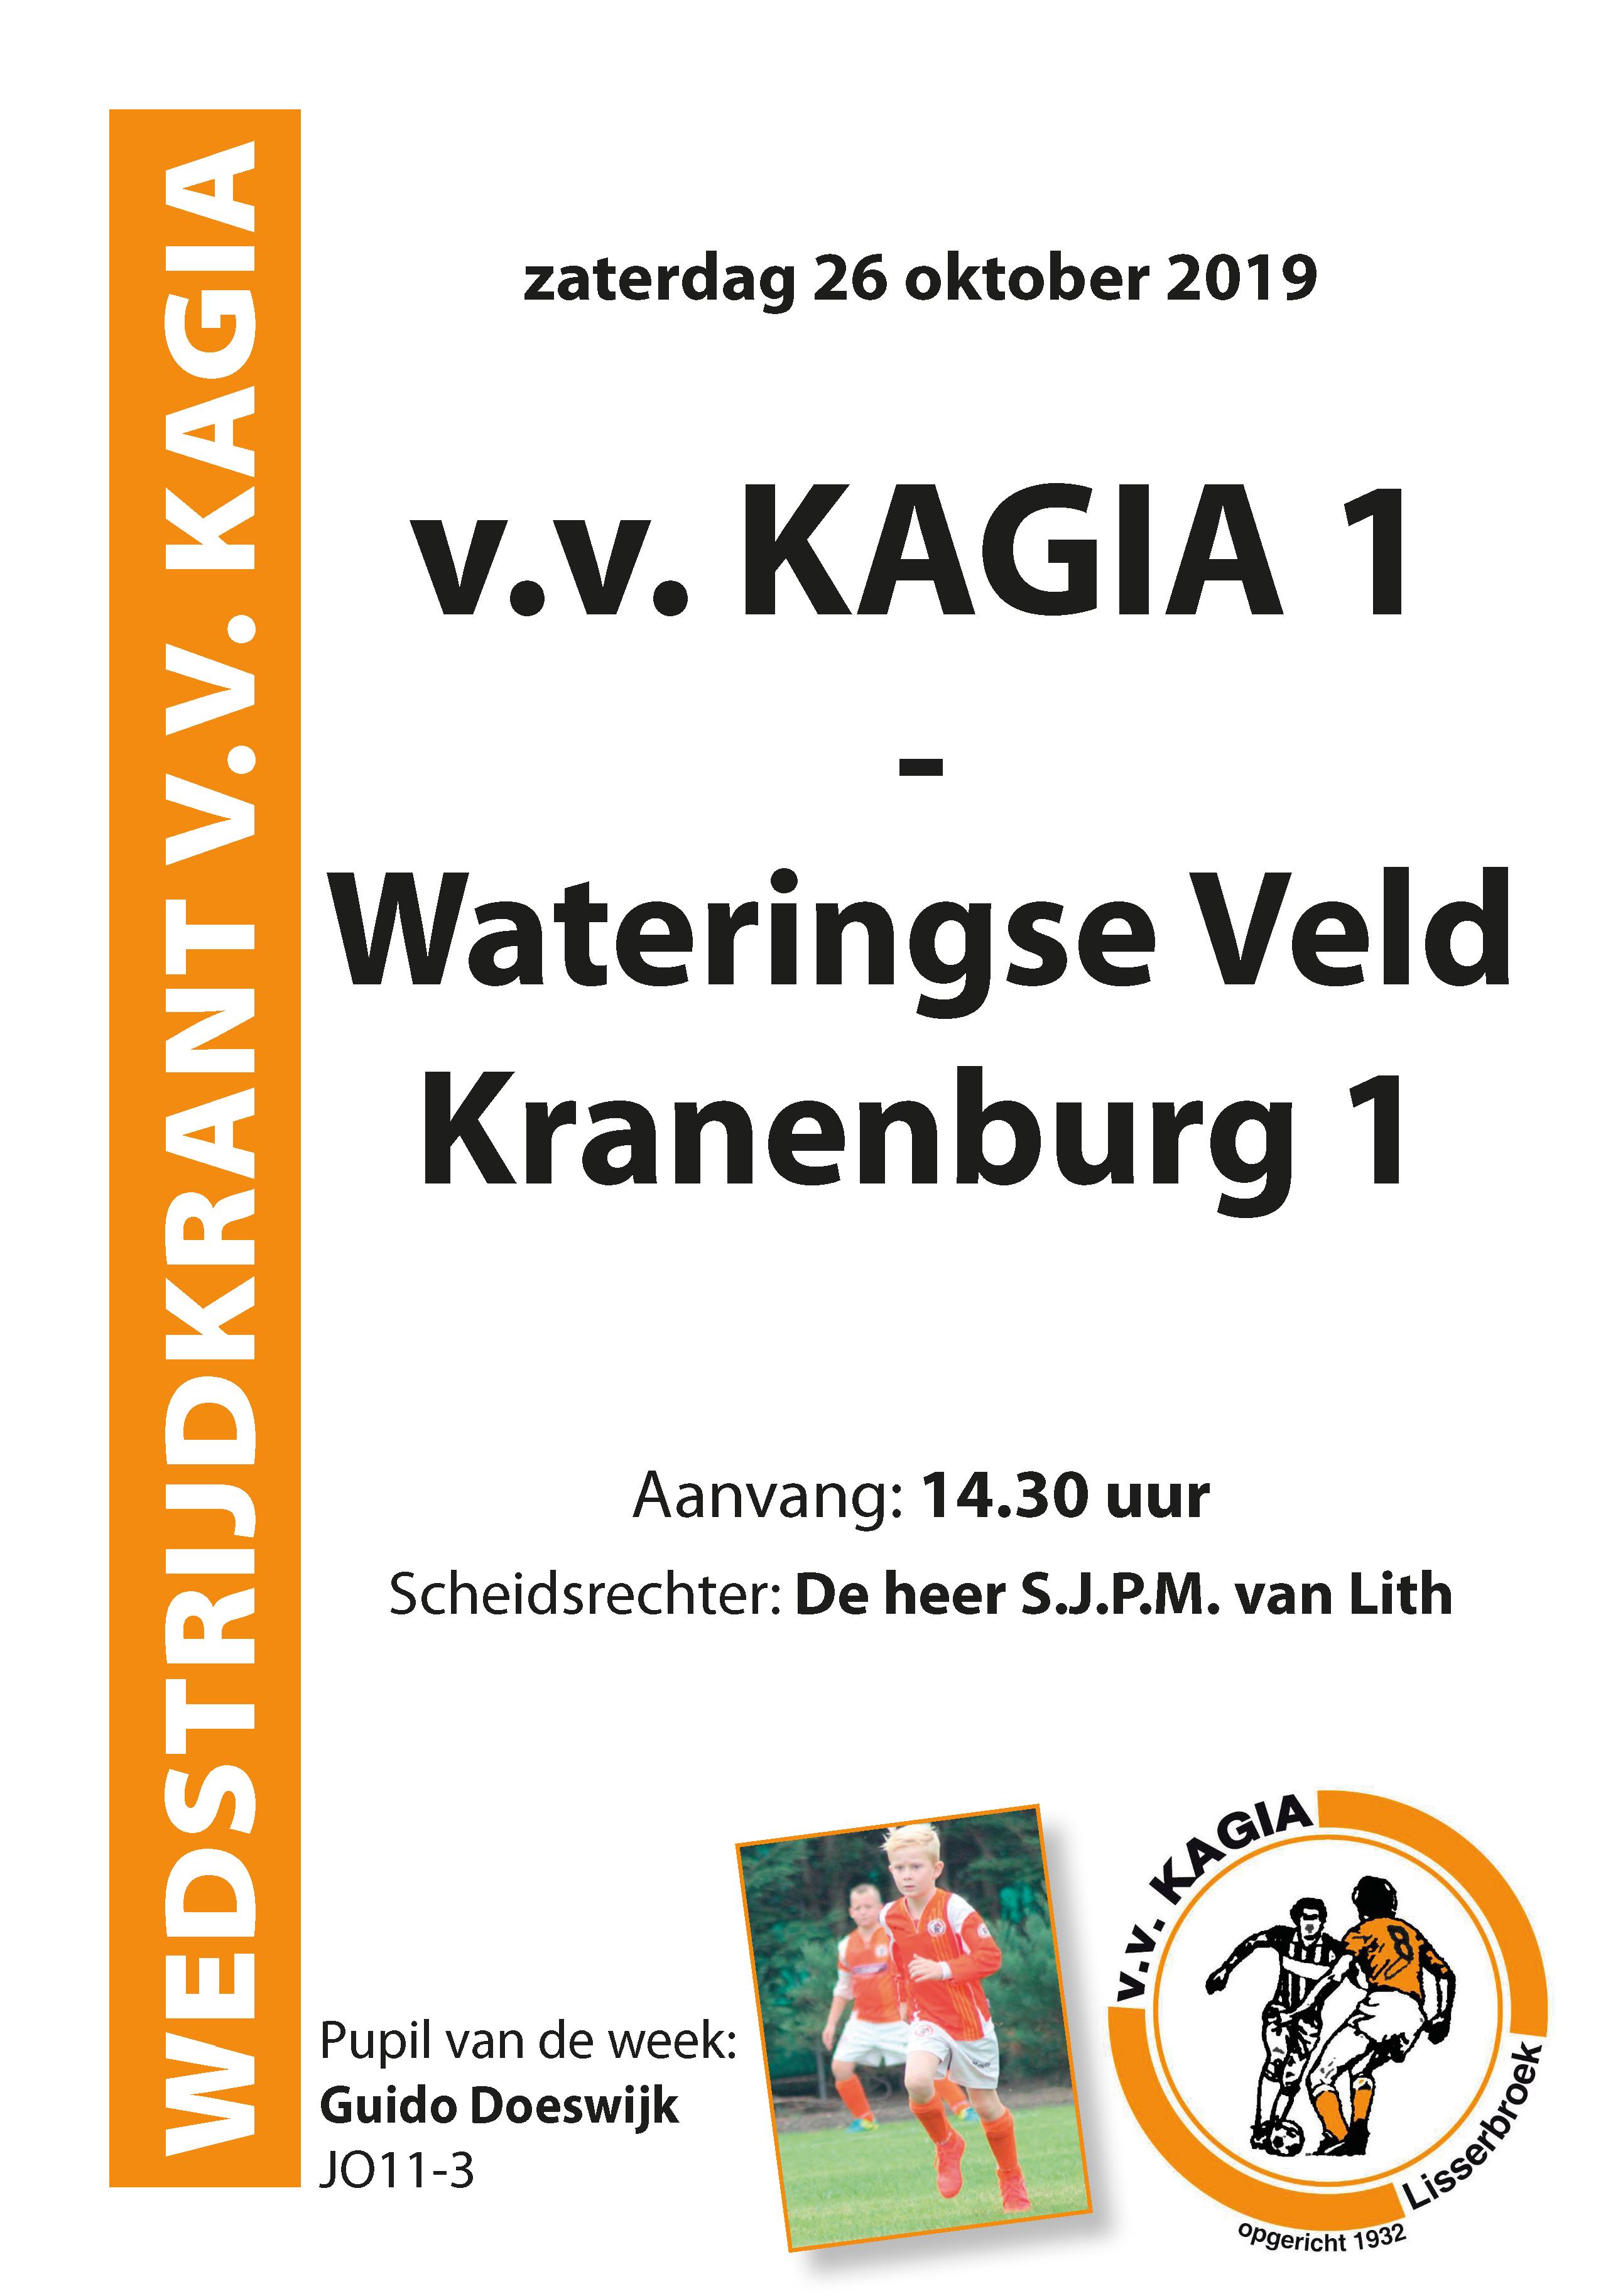 Wedstrijdkrantje | v.v. Kagia 1 – Wateringse Veld Kranenburg 1